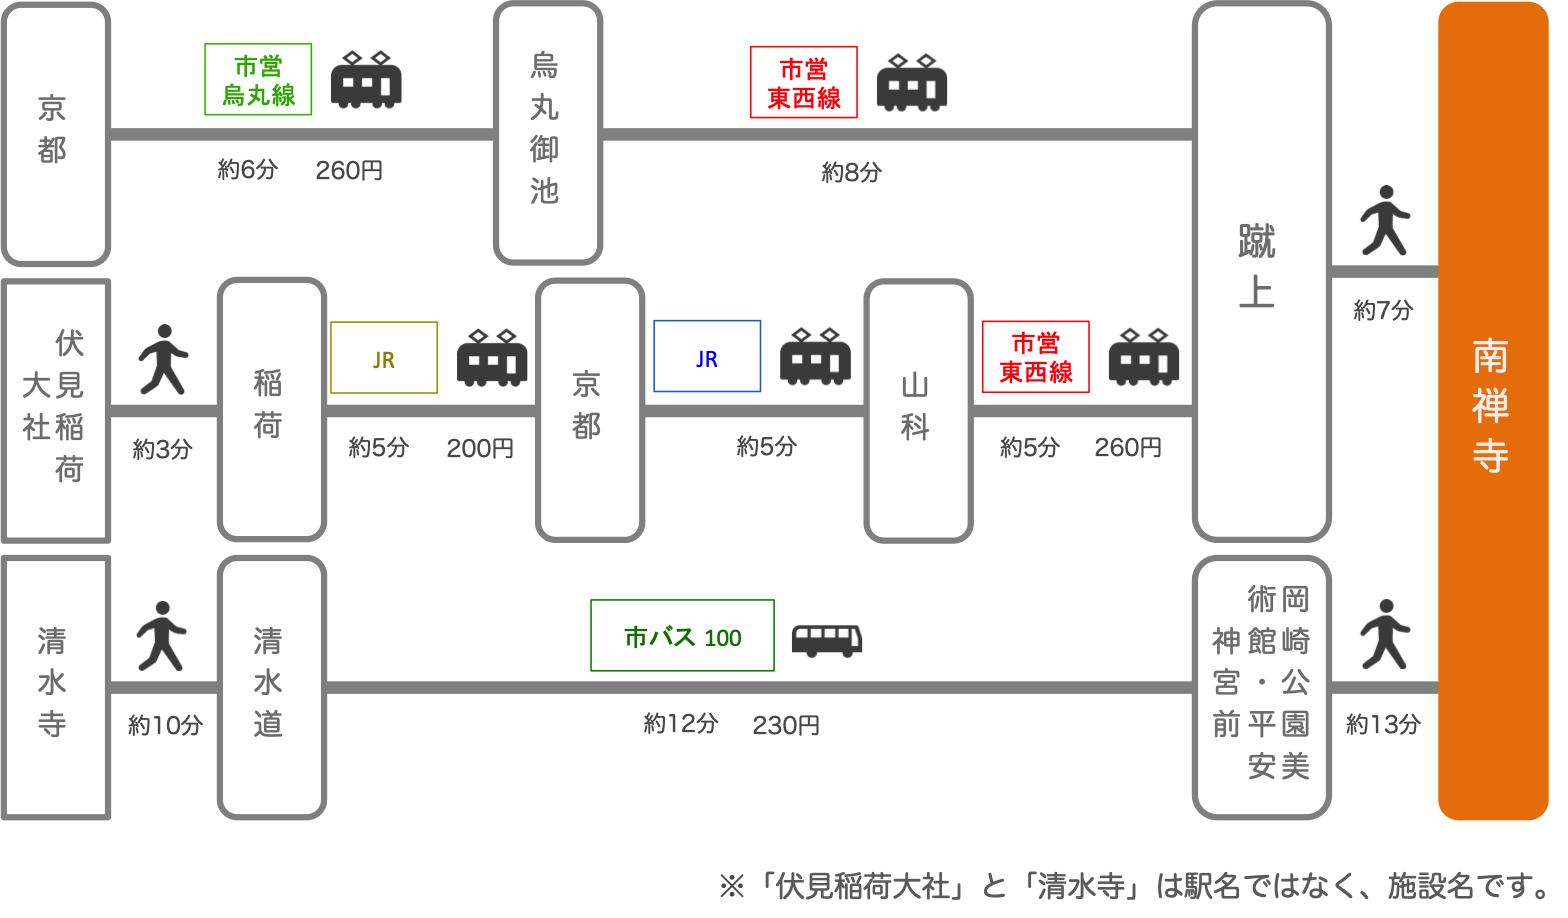 南禅寺_京都市_バス_電車